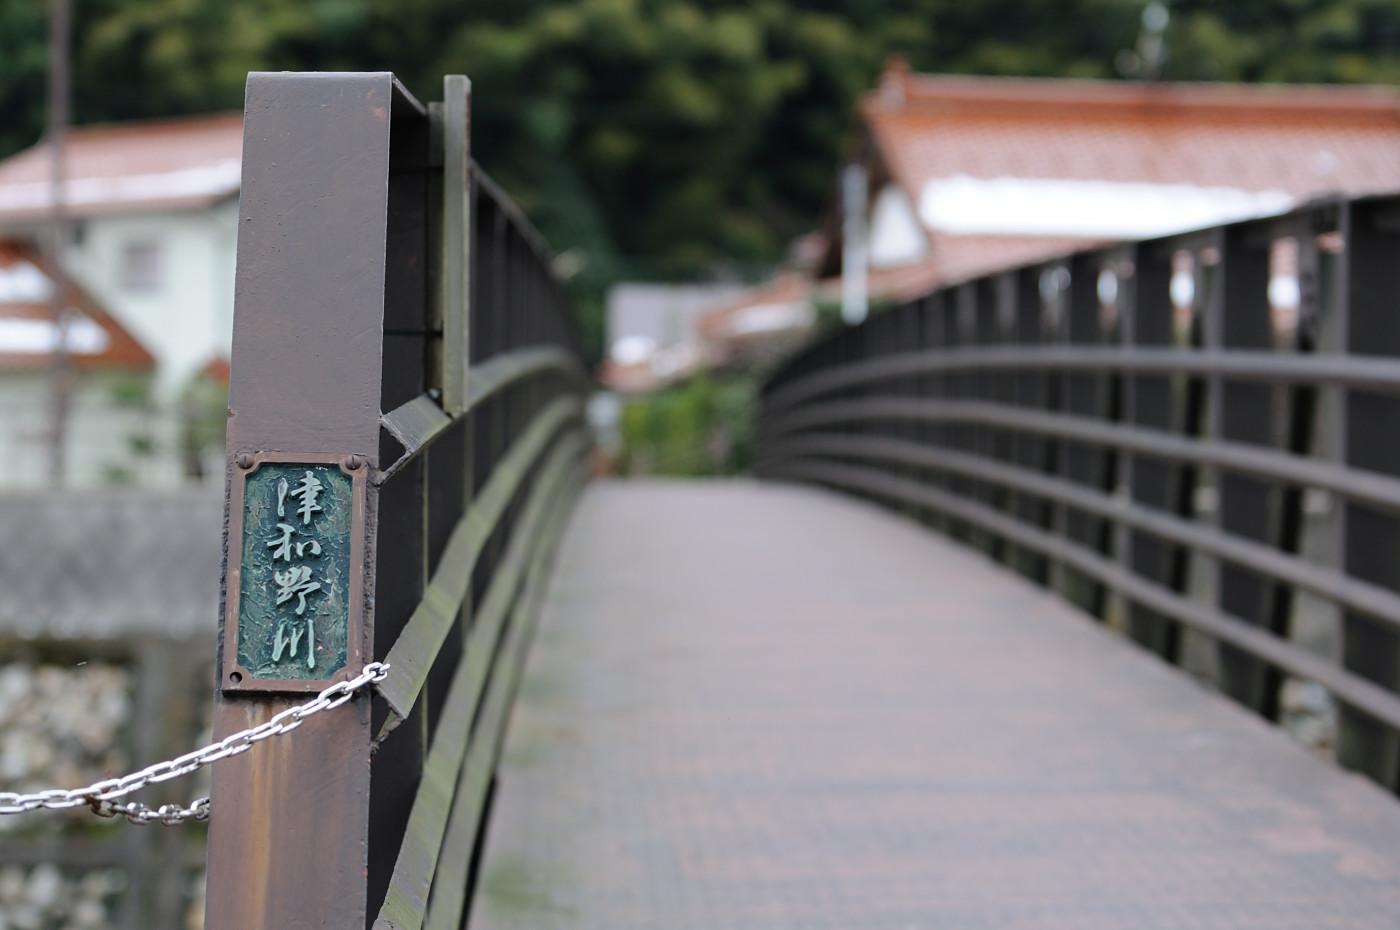 津和野川と書かれた橋